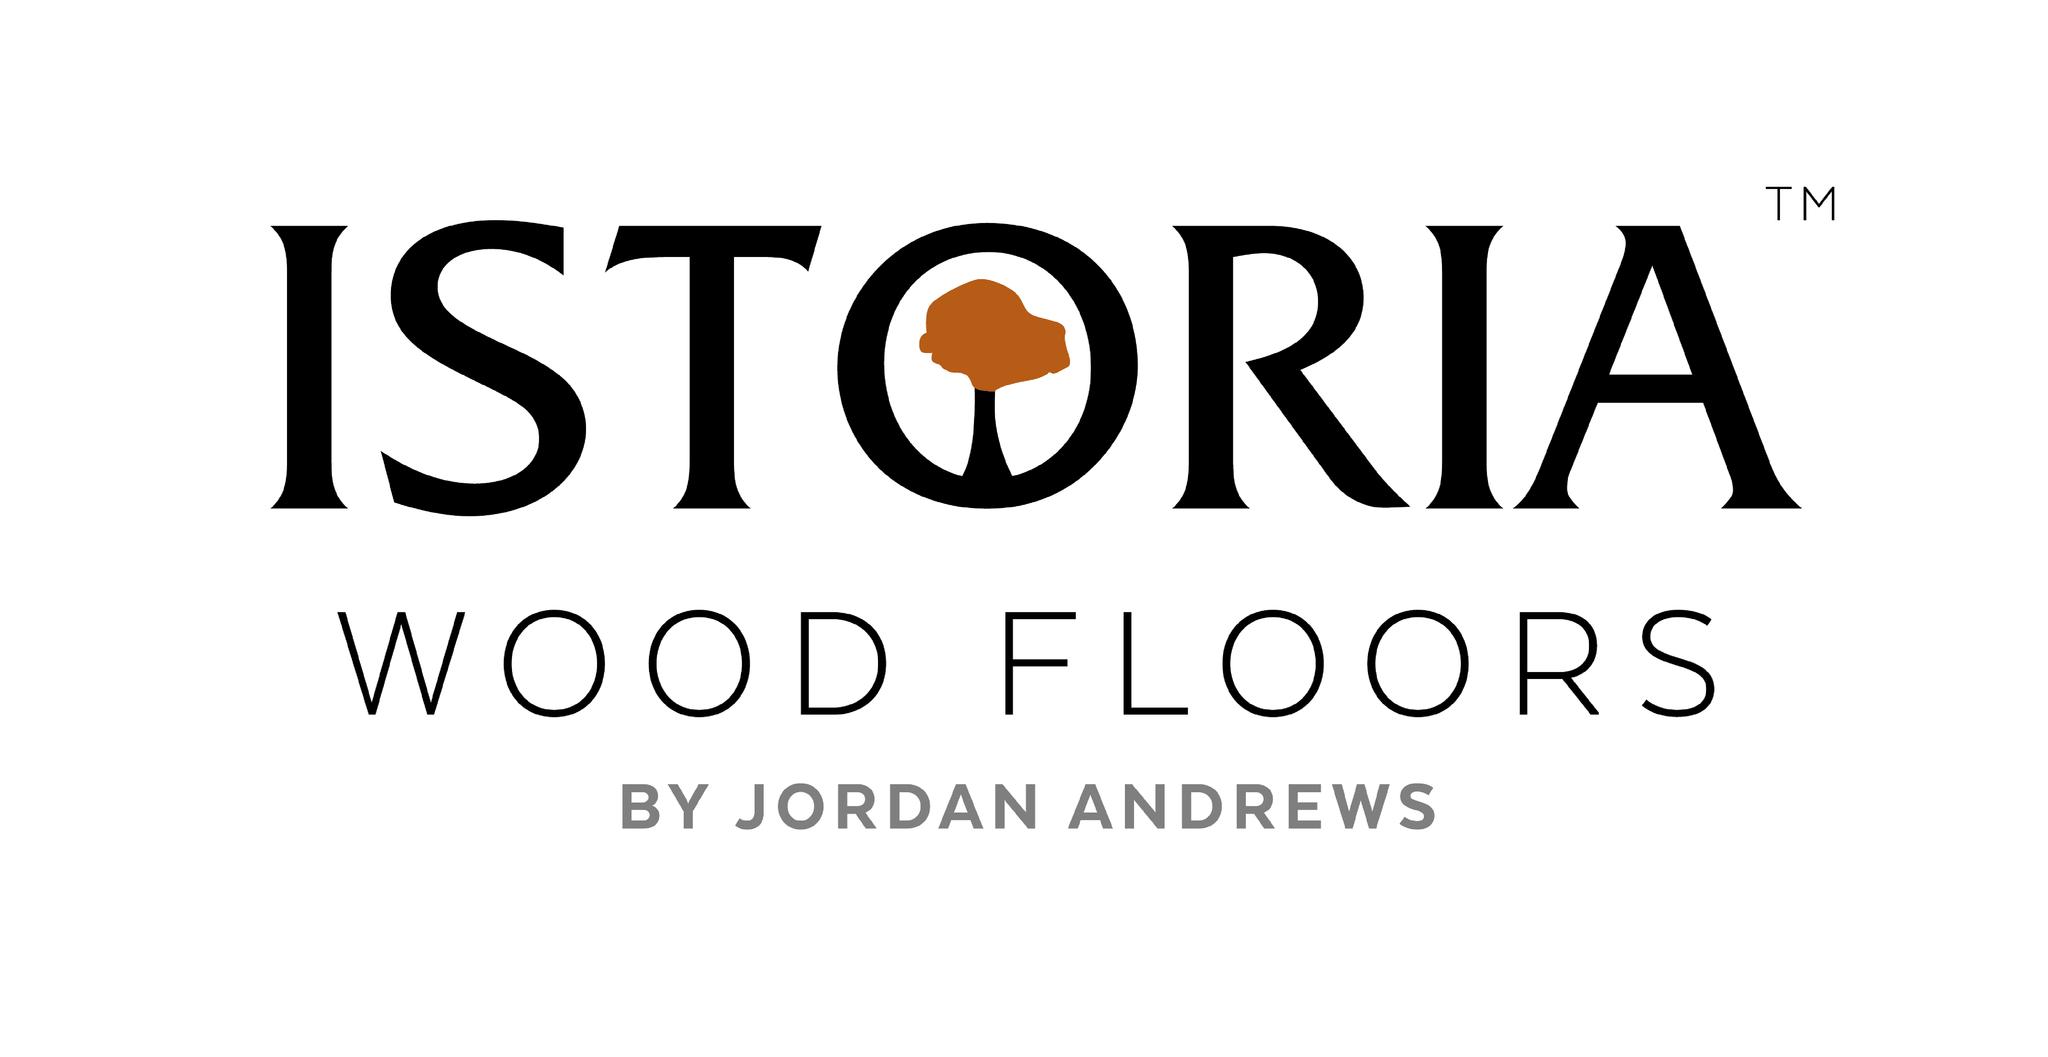 Istoria Wood Floors by Jordan Andrews